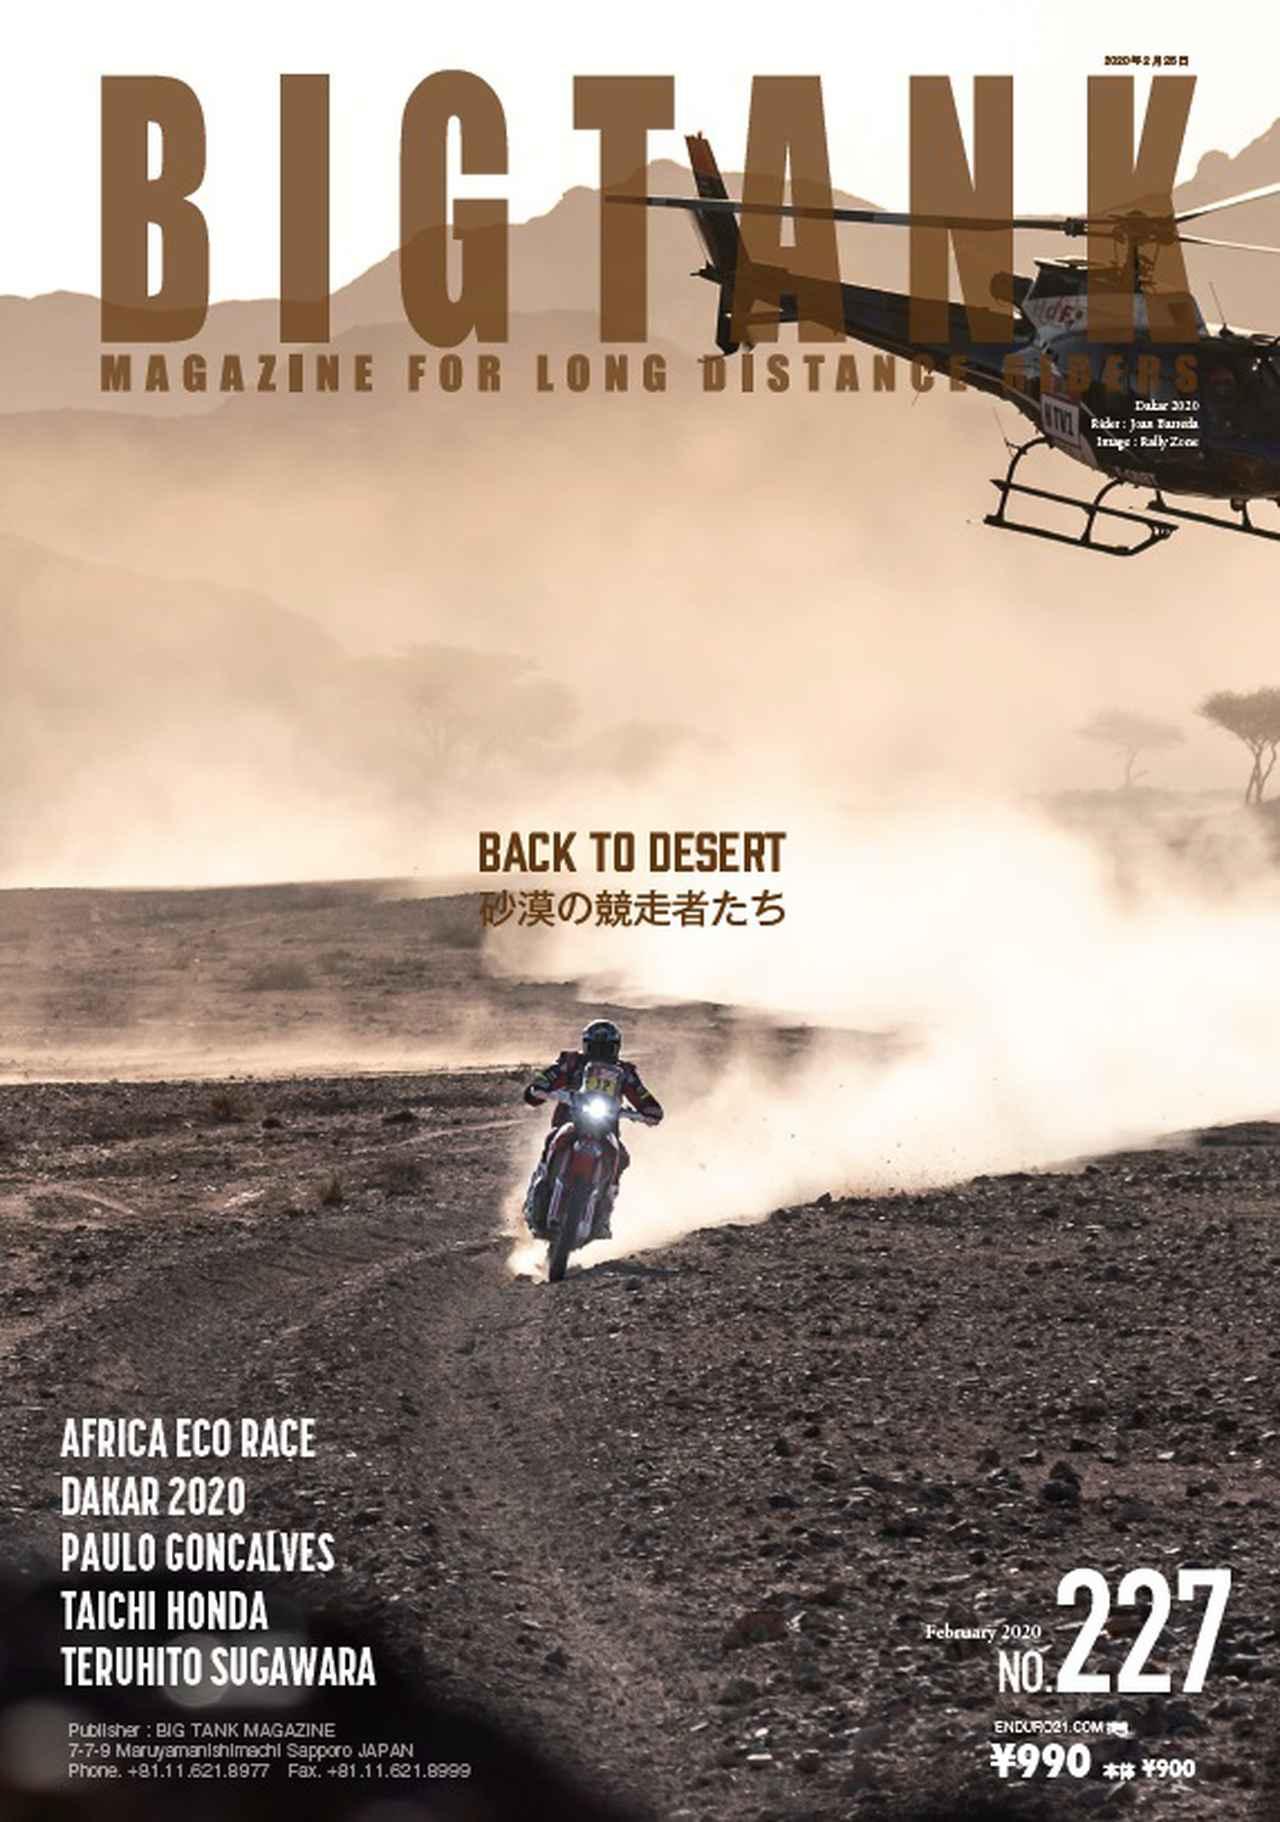 画像: BIGTANK No.227 - ビッグタンクオンラインショップ アフリカエコレース2020を同行取材した特集ほか、国内外のラリー、エンデューロ情報が満載です。